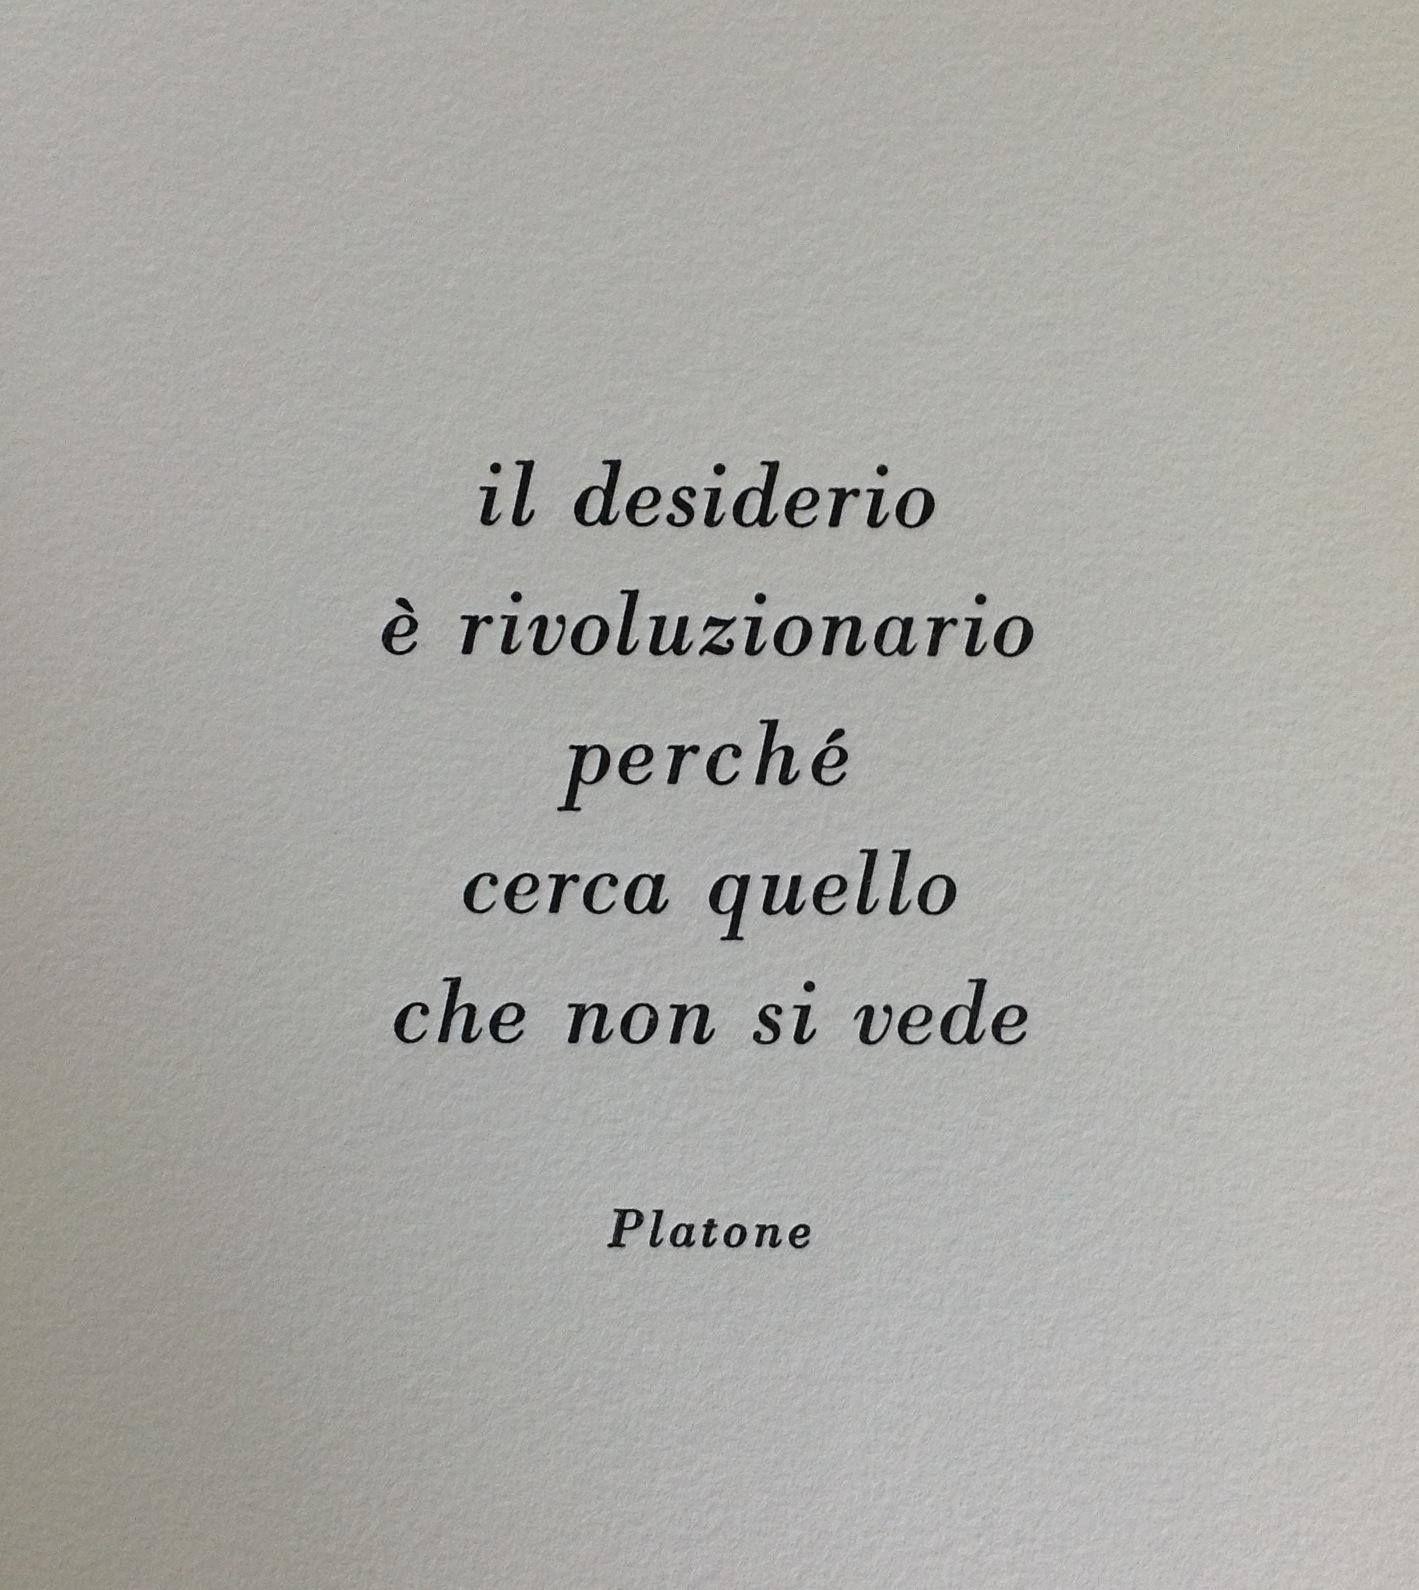 Rivoluzione Platone Saggezza Desiderio Provox